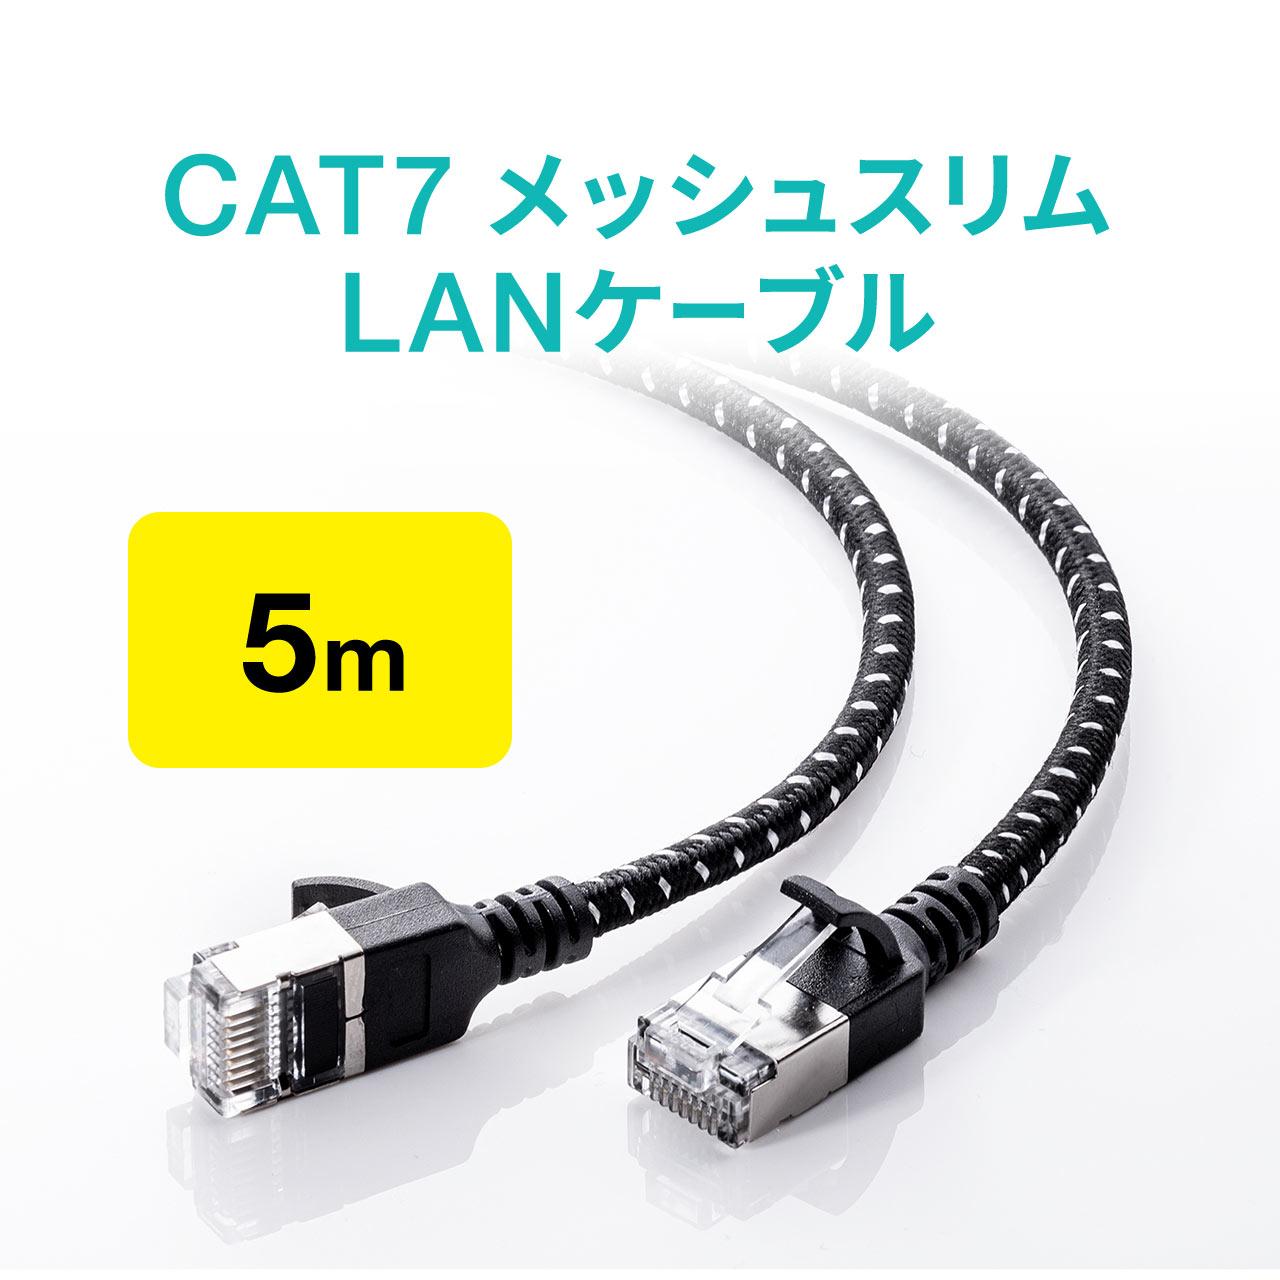 500-LAN7MESL-05 サンワダイレクト限定品 大規模セール ネコポス専用 送料無料対象品 LANケーブル CAT7 伝送速度10Gbps スリム 5m 現金特価 メッシュ 伝送帯域600MHz ツメ折れ防止カバー